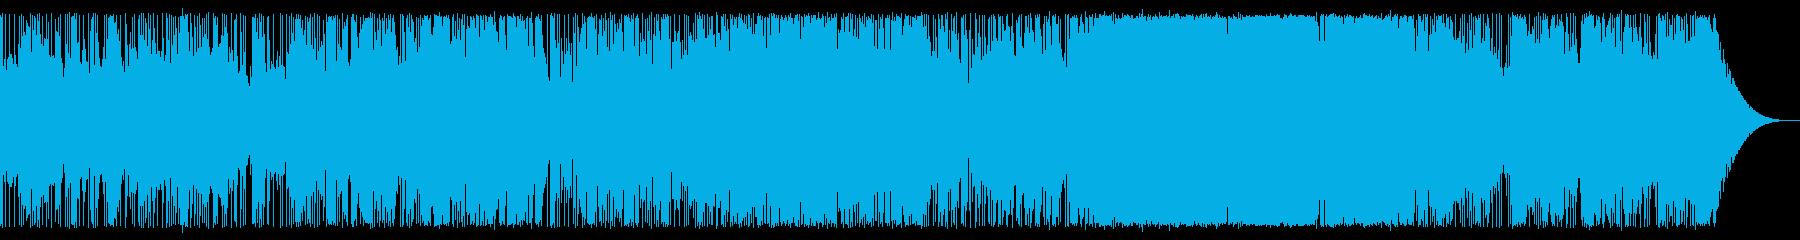 ゆったりとしたアンビエントロックの再生済みの波形